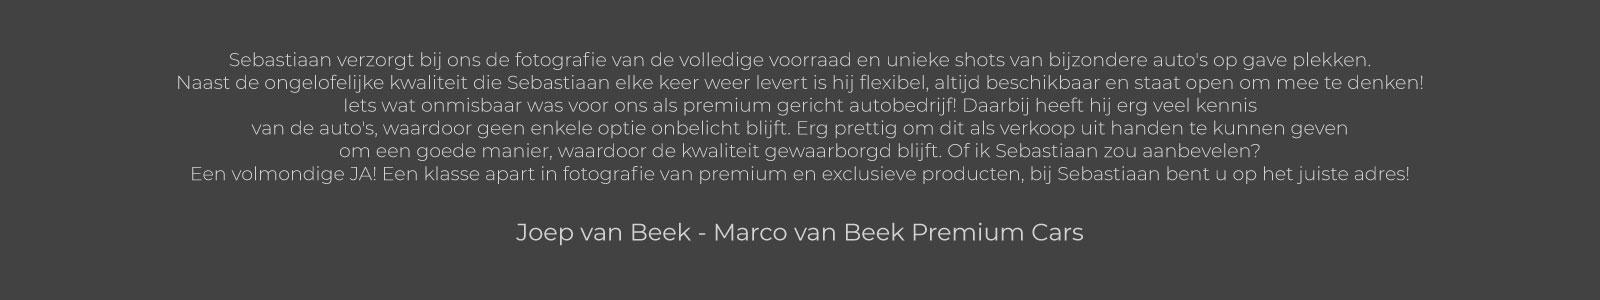 Joep van Beek - Marco van Beek Premium Cars